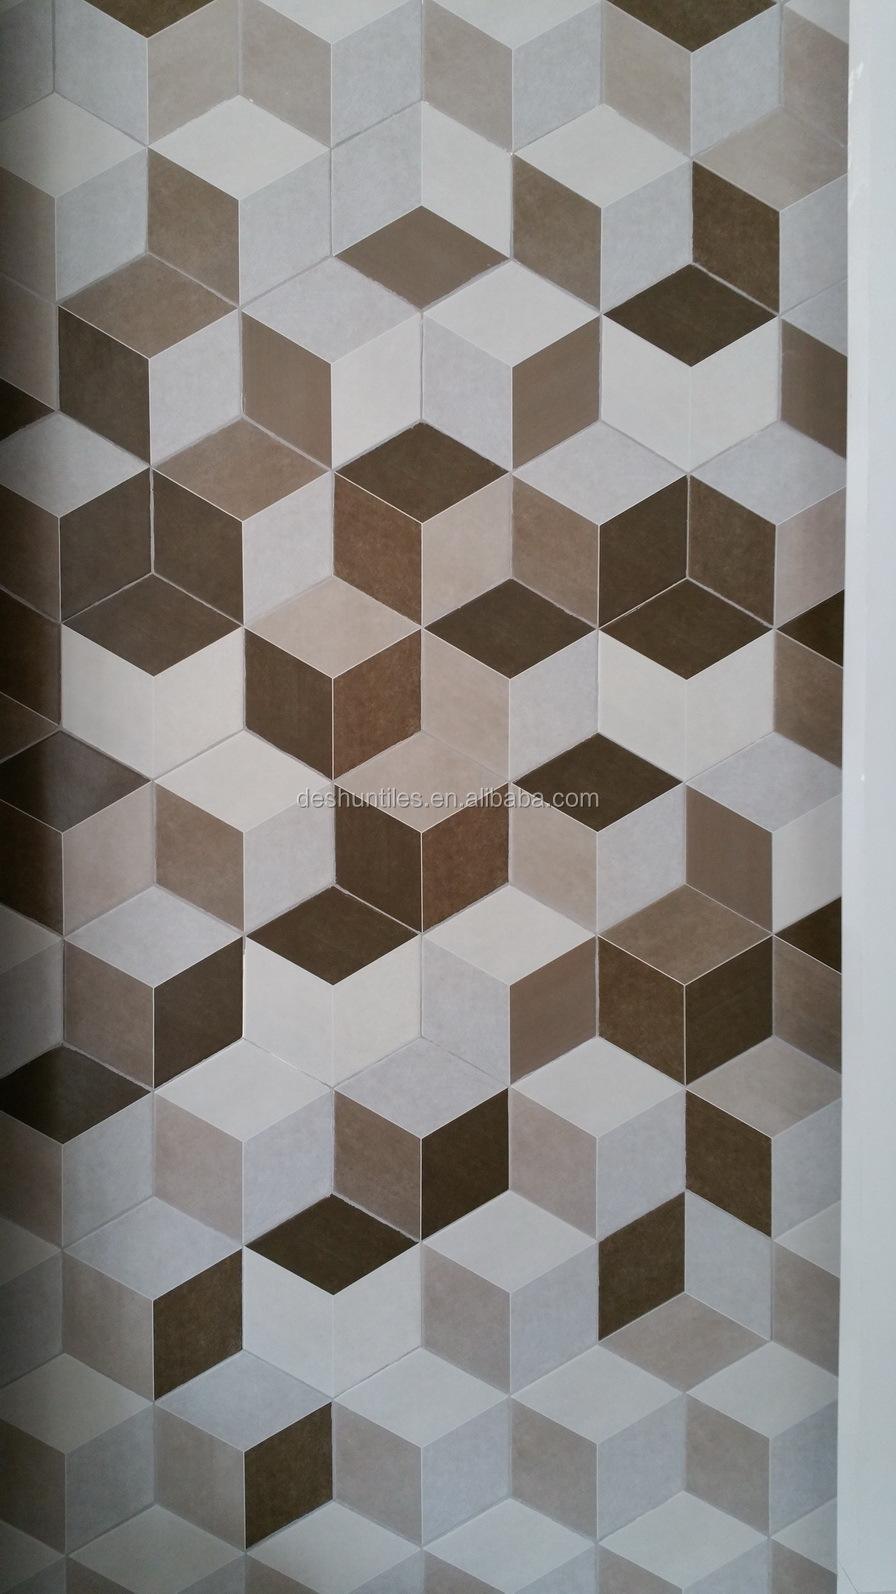 Three Dimensional Orange Hexagon Ceramic Floor Tile For